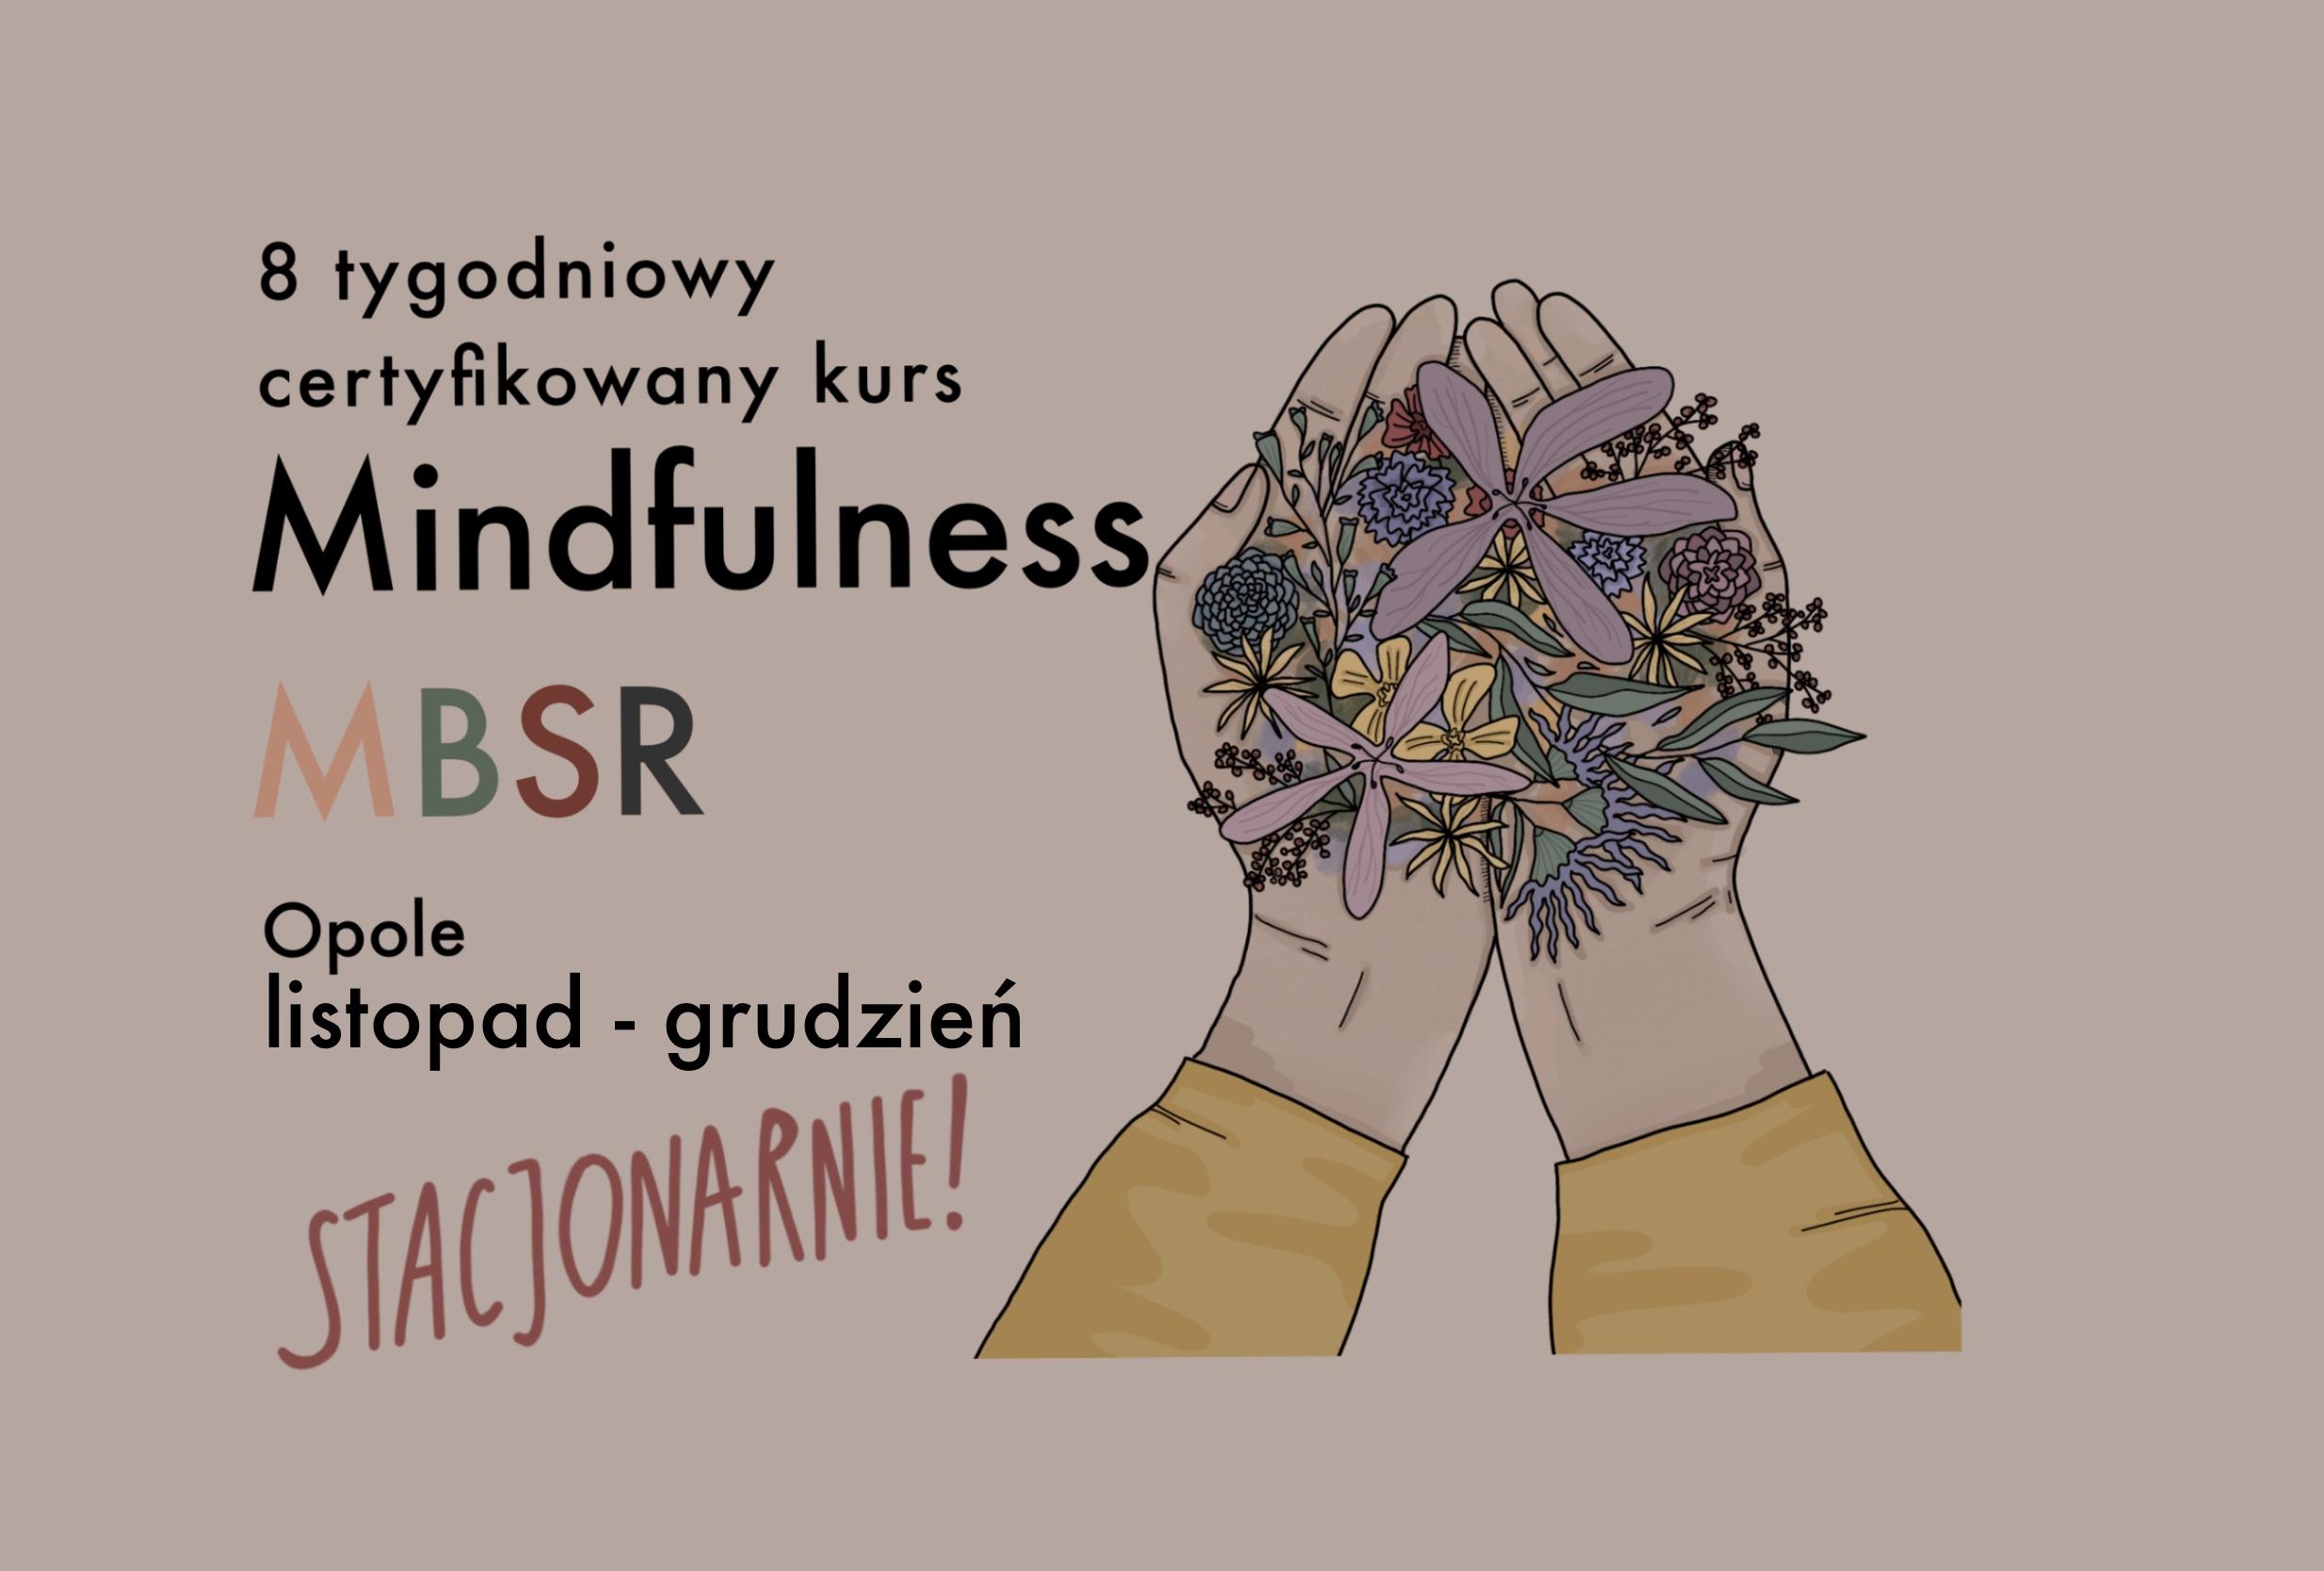 Nowy kurs Mindfulness. Stacjonarnie w Opolu!